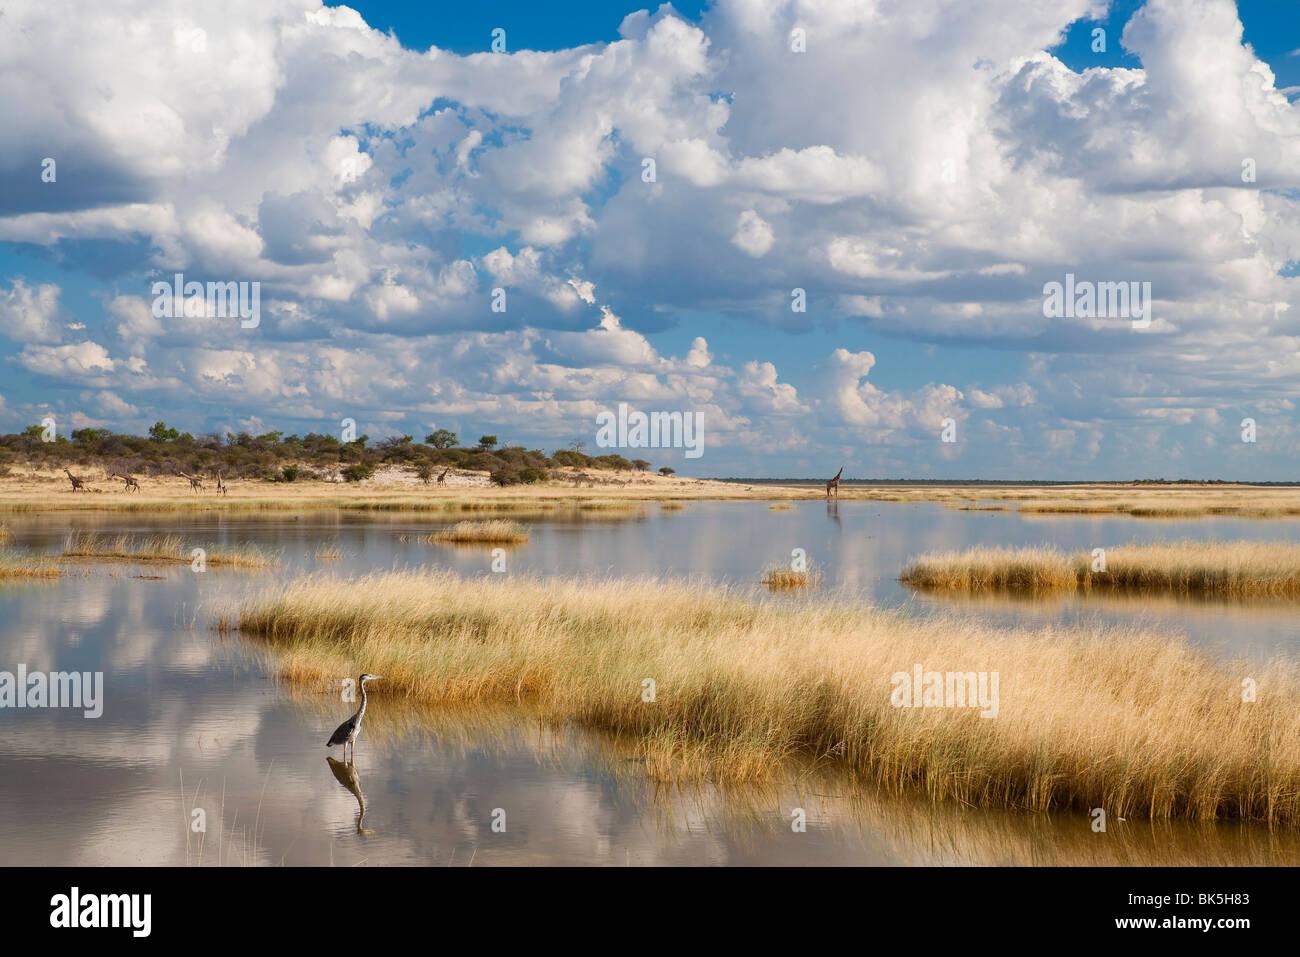 Etosha Pan after rains, Etosha National Park, Namibia, Africa - Stock Image